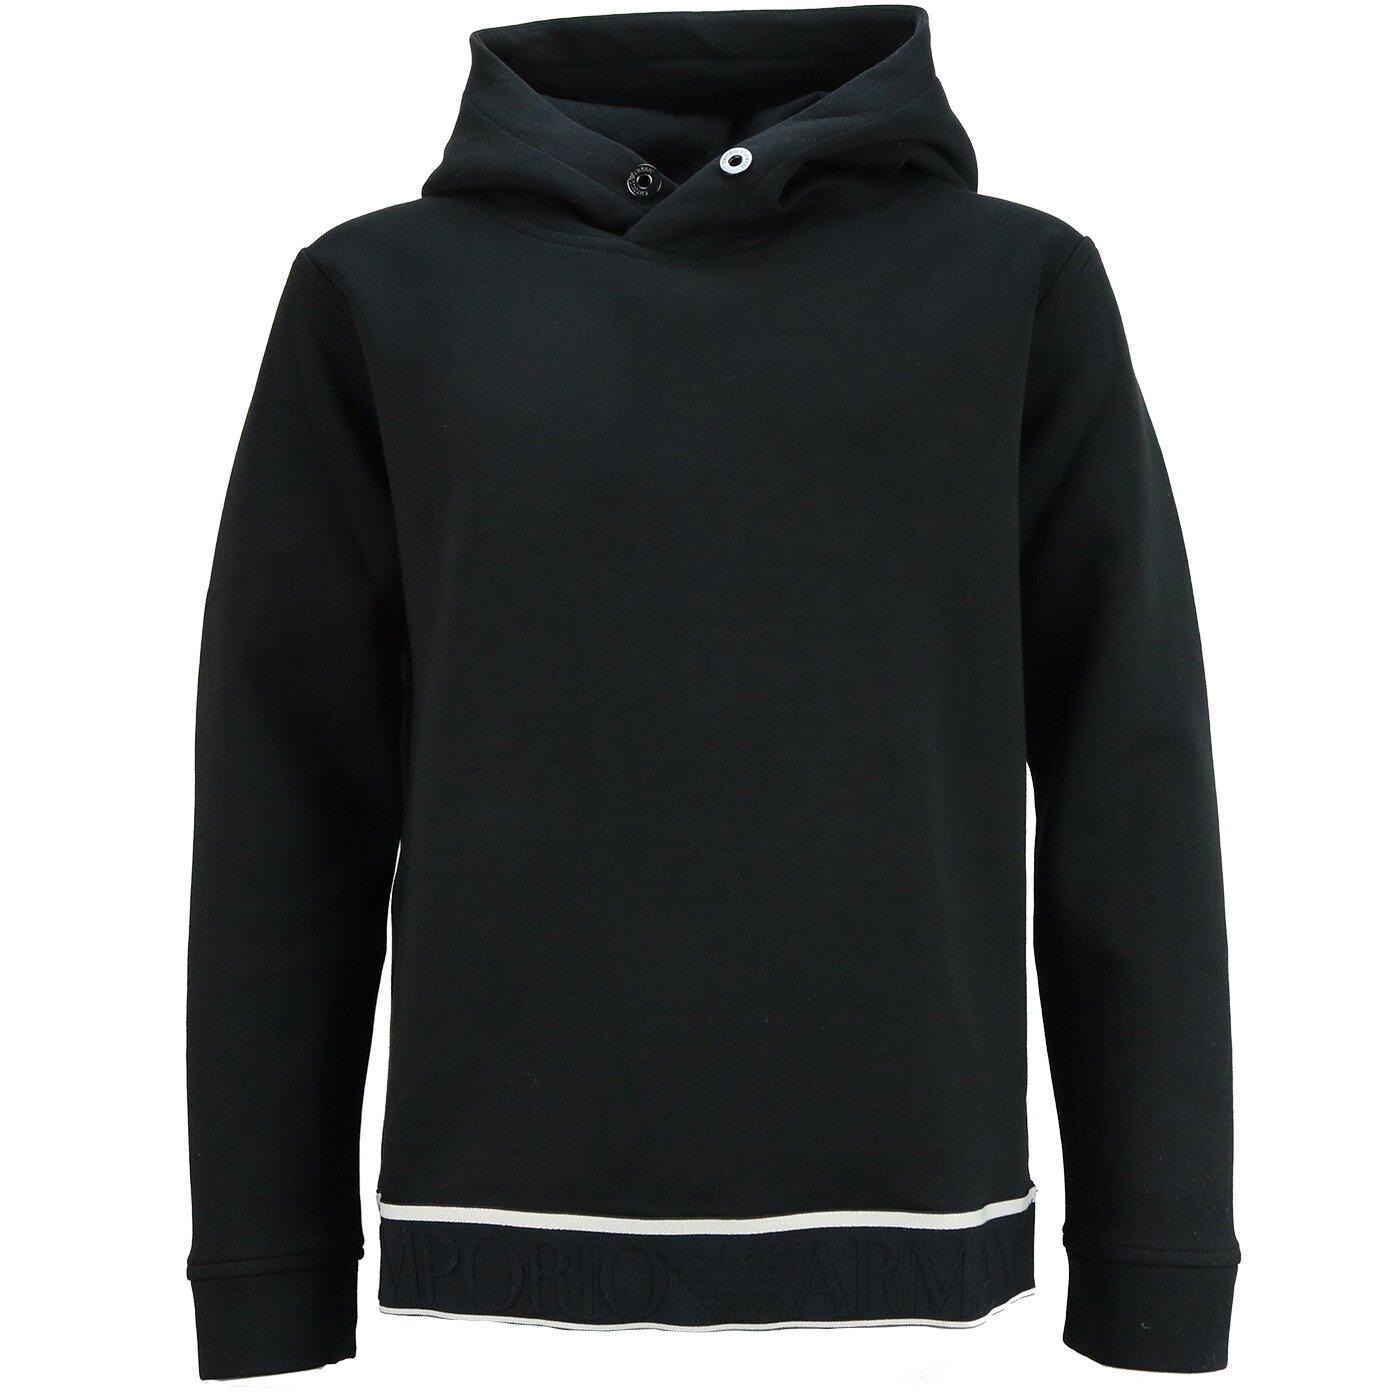 Emporio Armani jersey sweatshirt black 3k4MD8